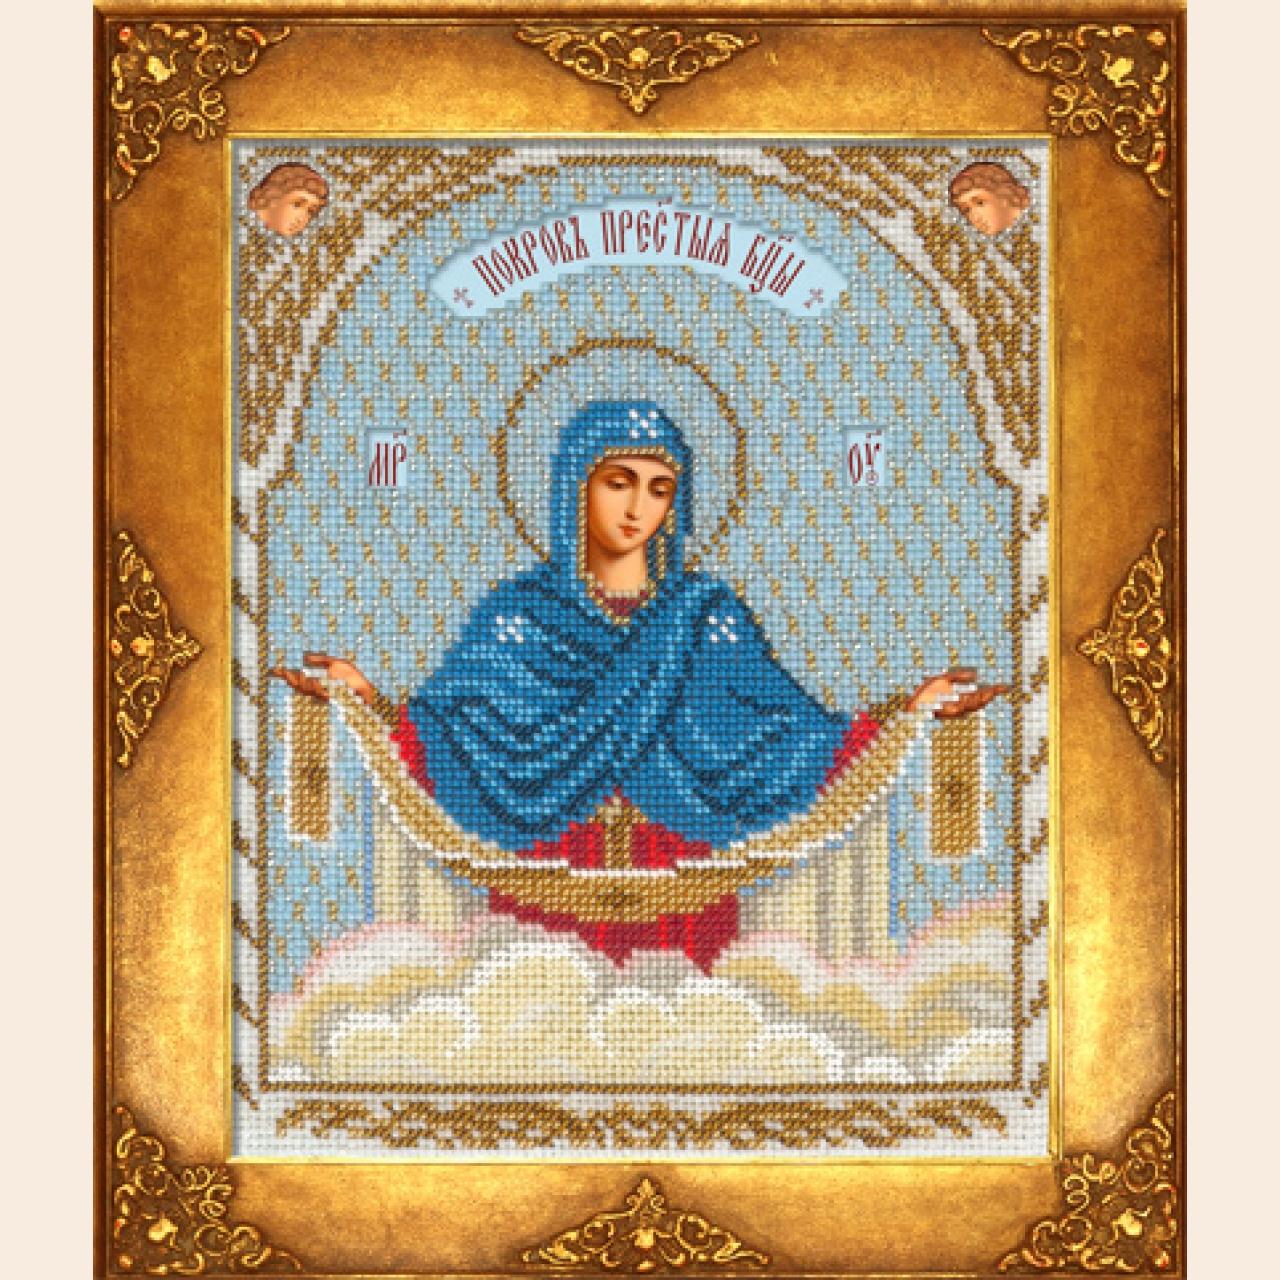 Покров Пресвятой Богородицы - Иконы вышитые бисером